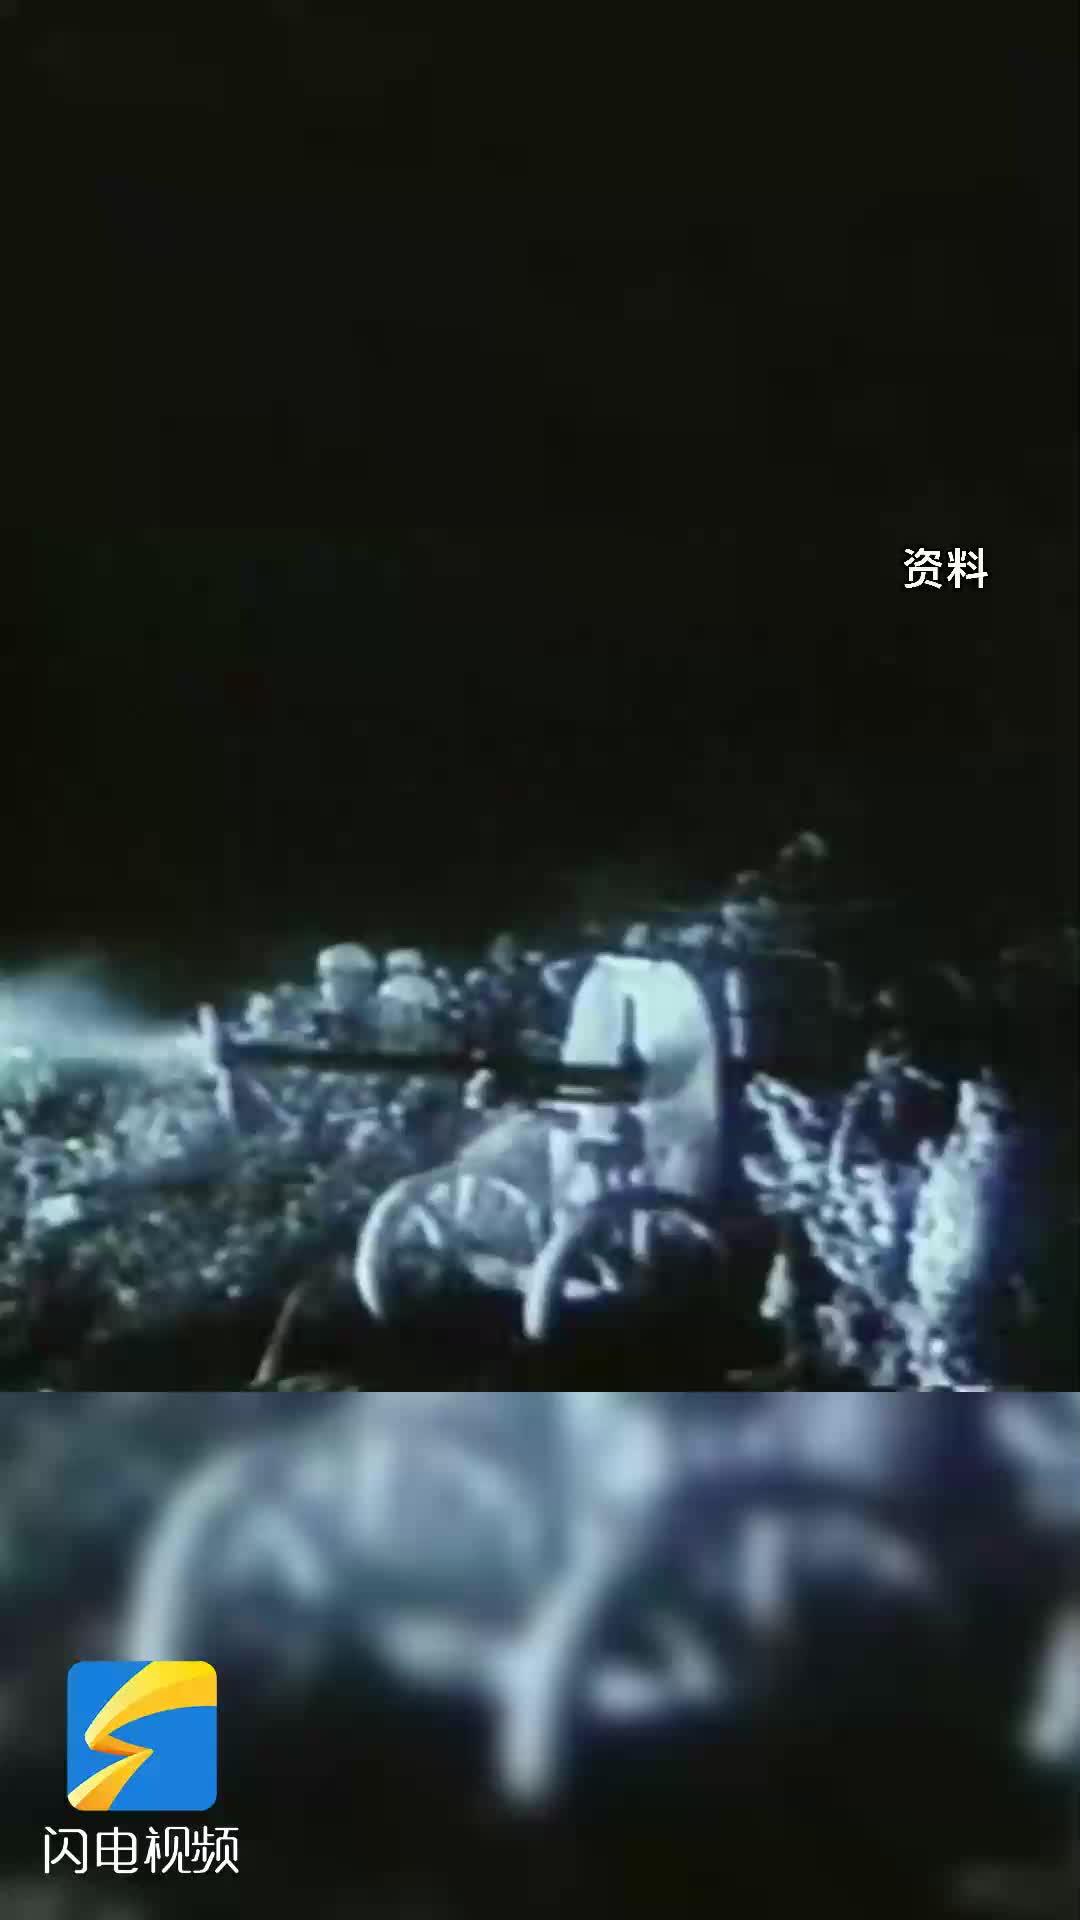 影像背后的故事我来说 | 山东人民踊跃支援抗美援朝 捐献款额可买197架战斗机